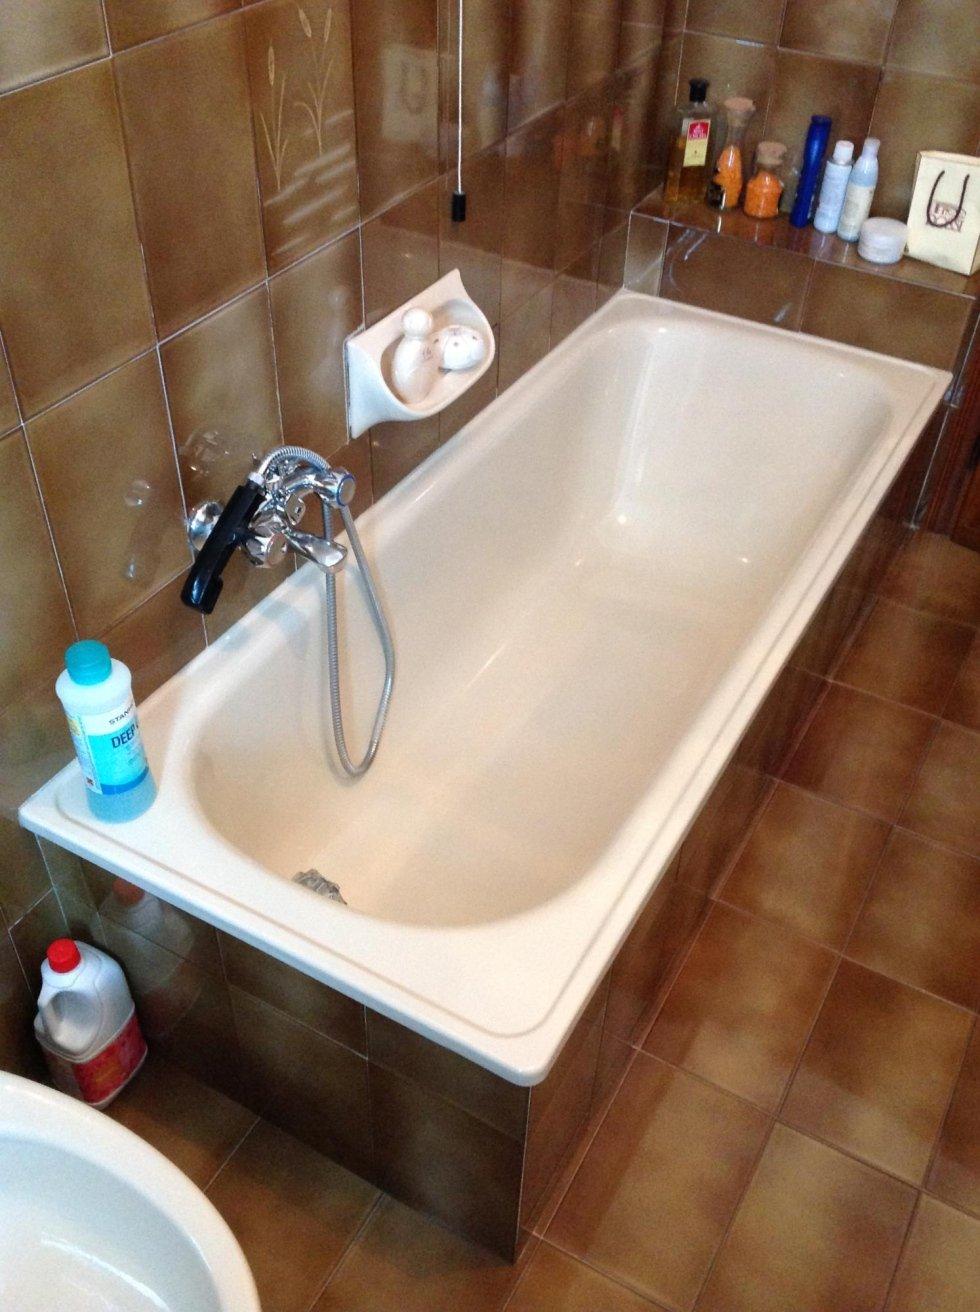 Sostituzione vasche - Reggio Emilia - Bagno Moda